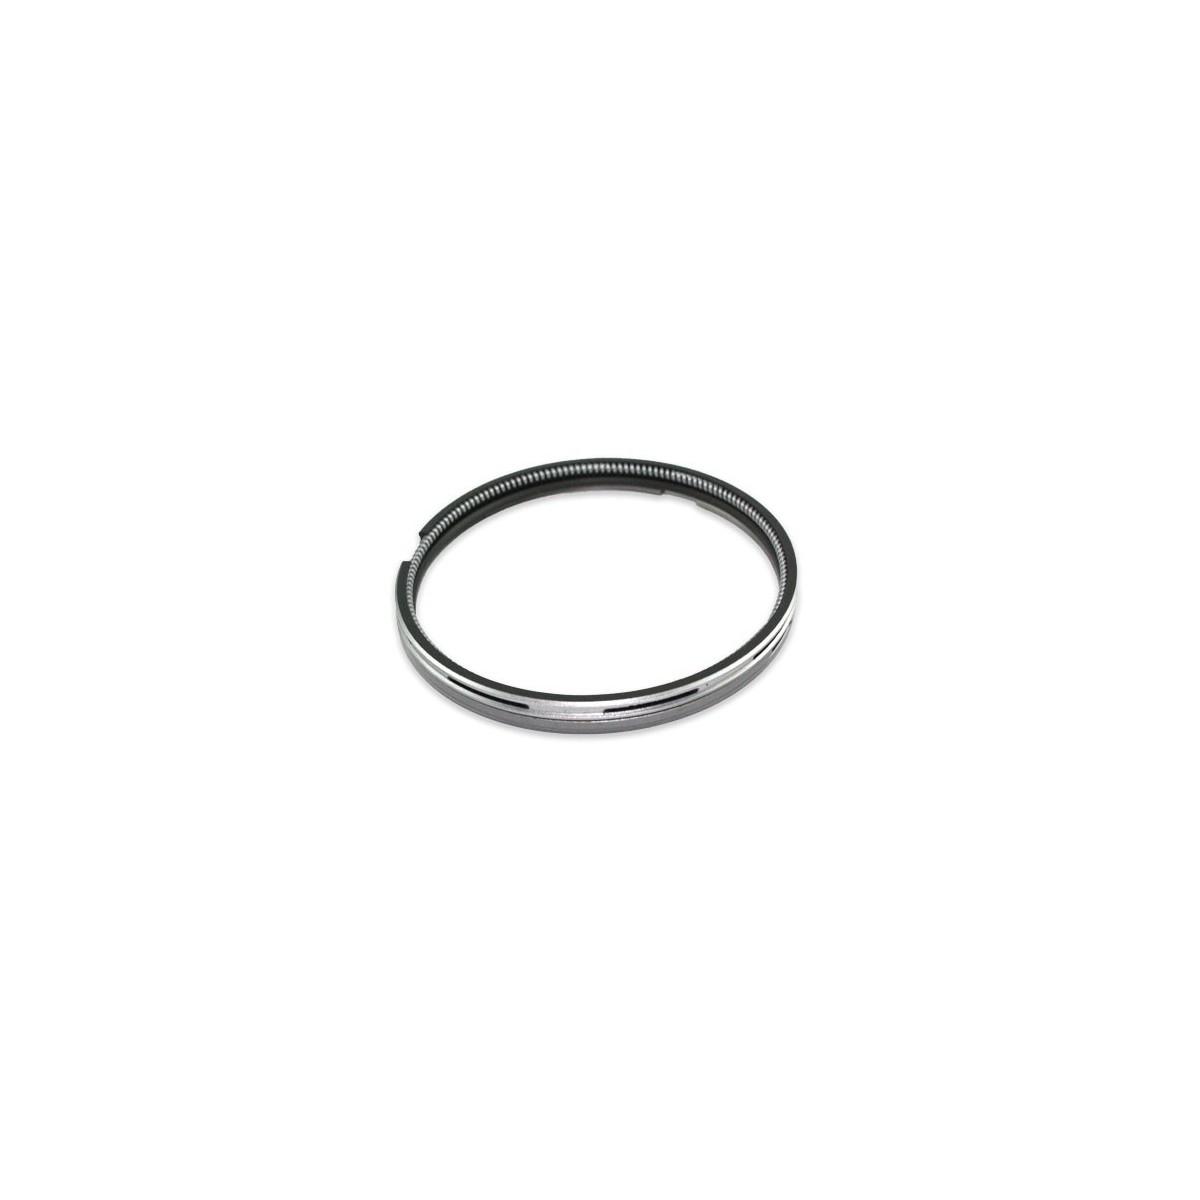 Piston ring set Hinomoto N239 82mm:1.5 x 1.5 x 3 STD